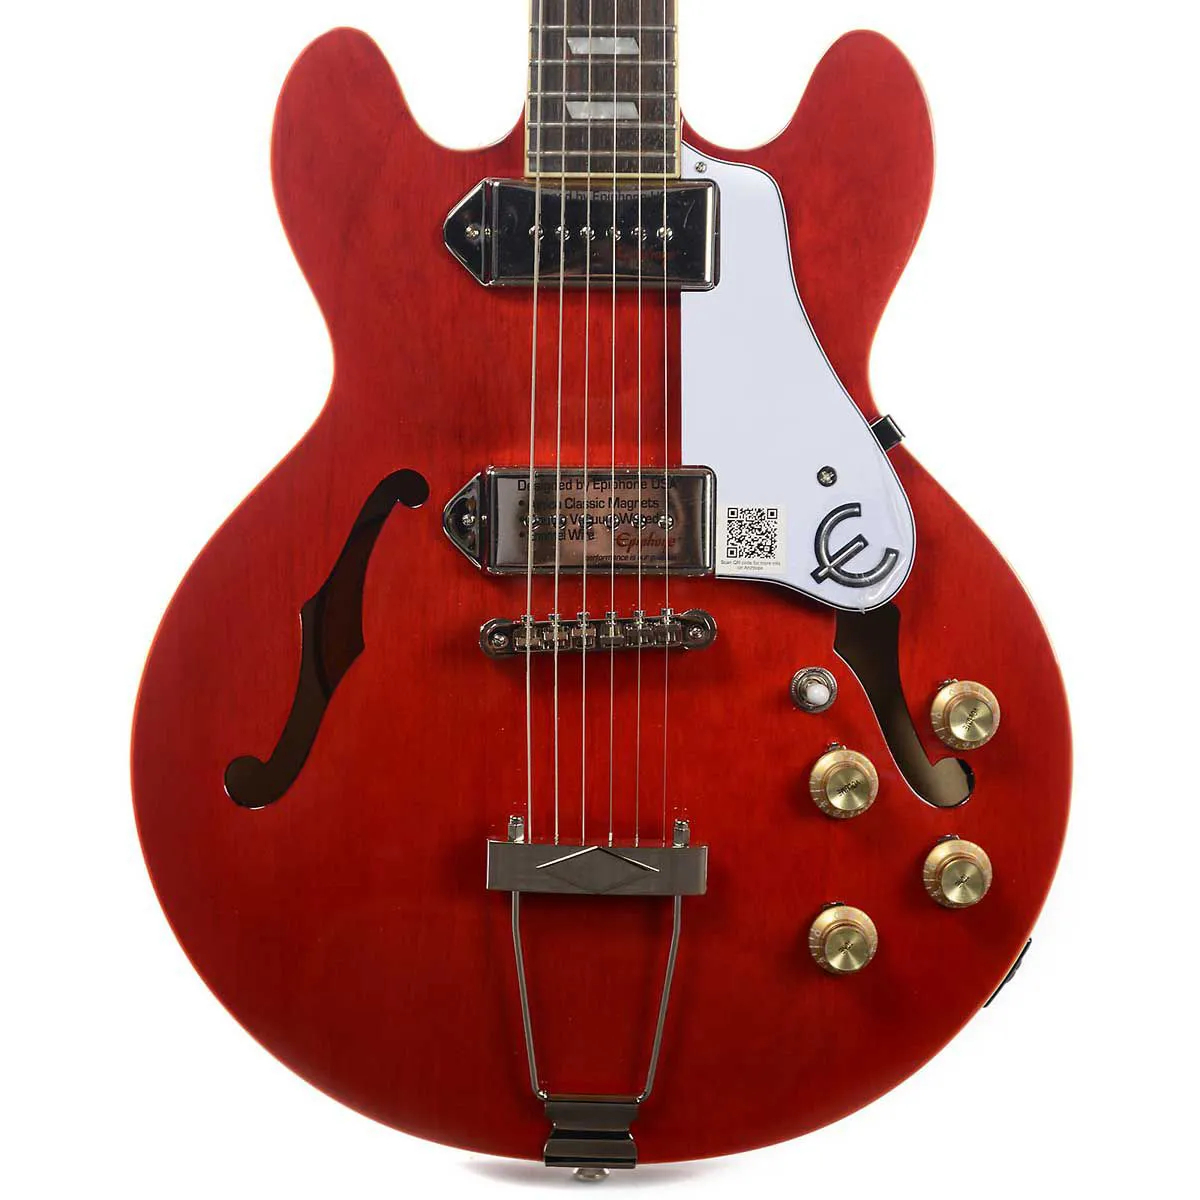 Guitarra Semi-Acústica Epiphone Casino Coupe Cherry